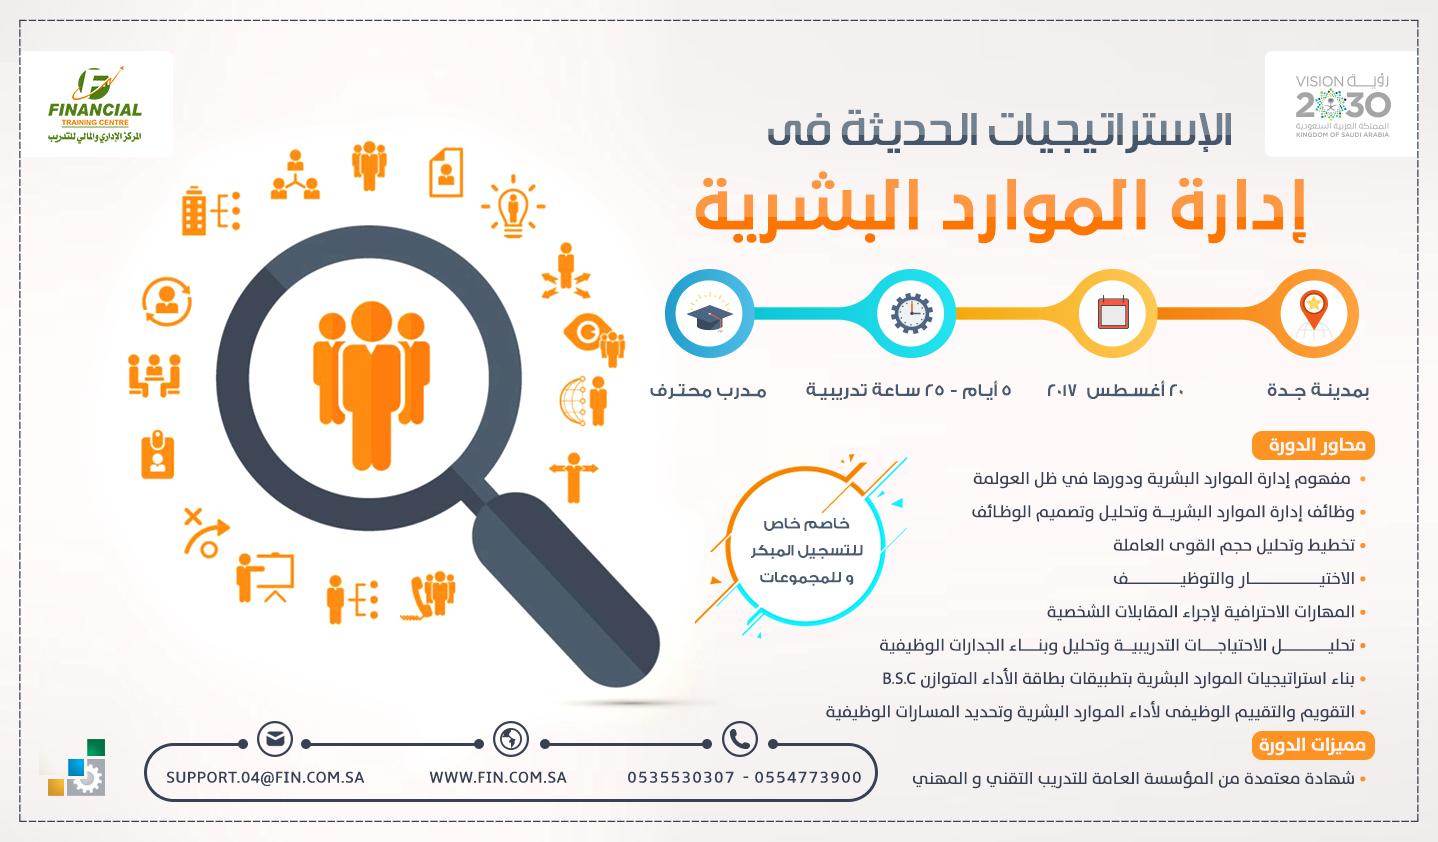 يسر المركز الإداري والمالي للتدريب أن يعلن عن بدء التسجيل في دورة الإستراتيجيات الحديثة في إدارة الموارد البشرية تاريخ الدورة